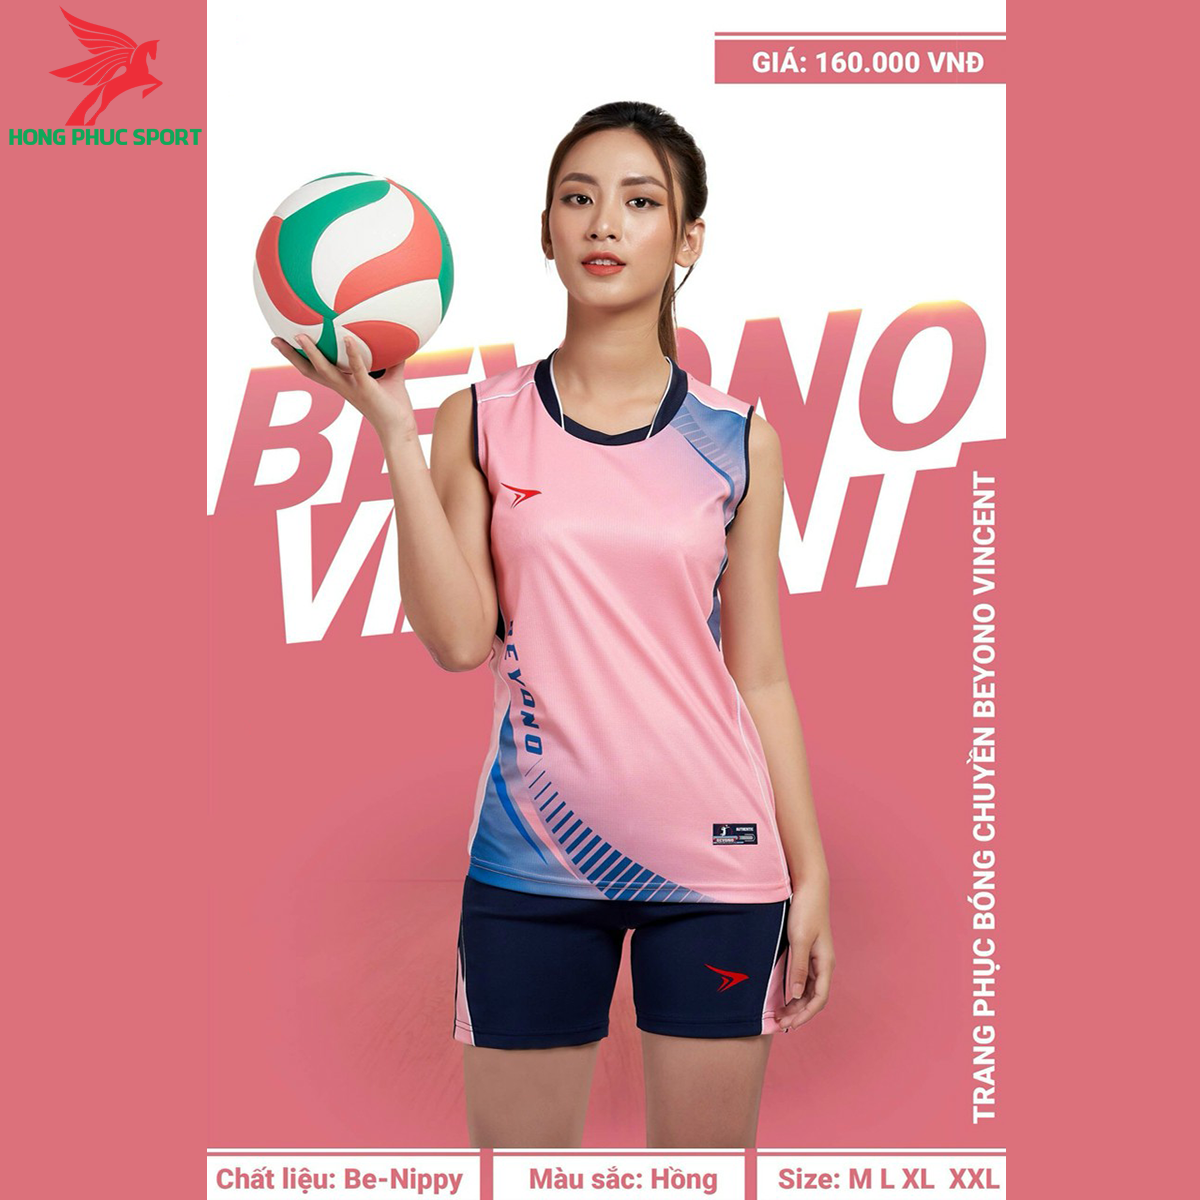 Quần áo bóng chuyềnBEYONOVincentmàu hồng (nữ)